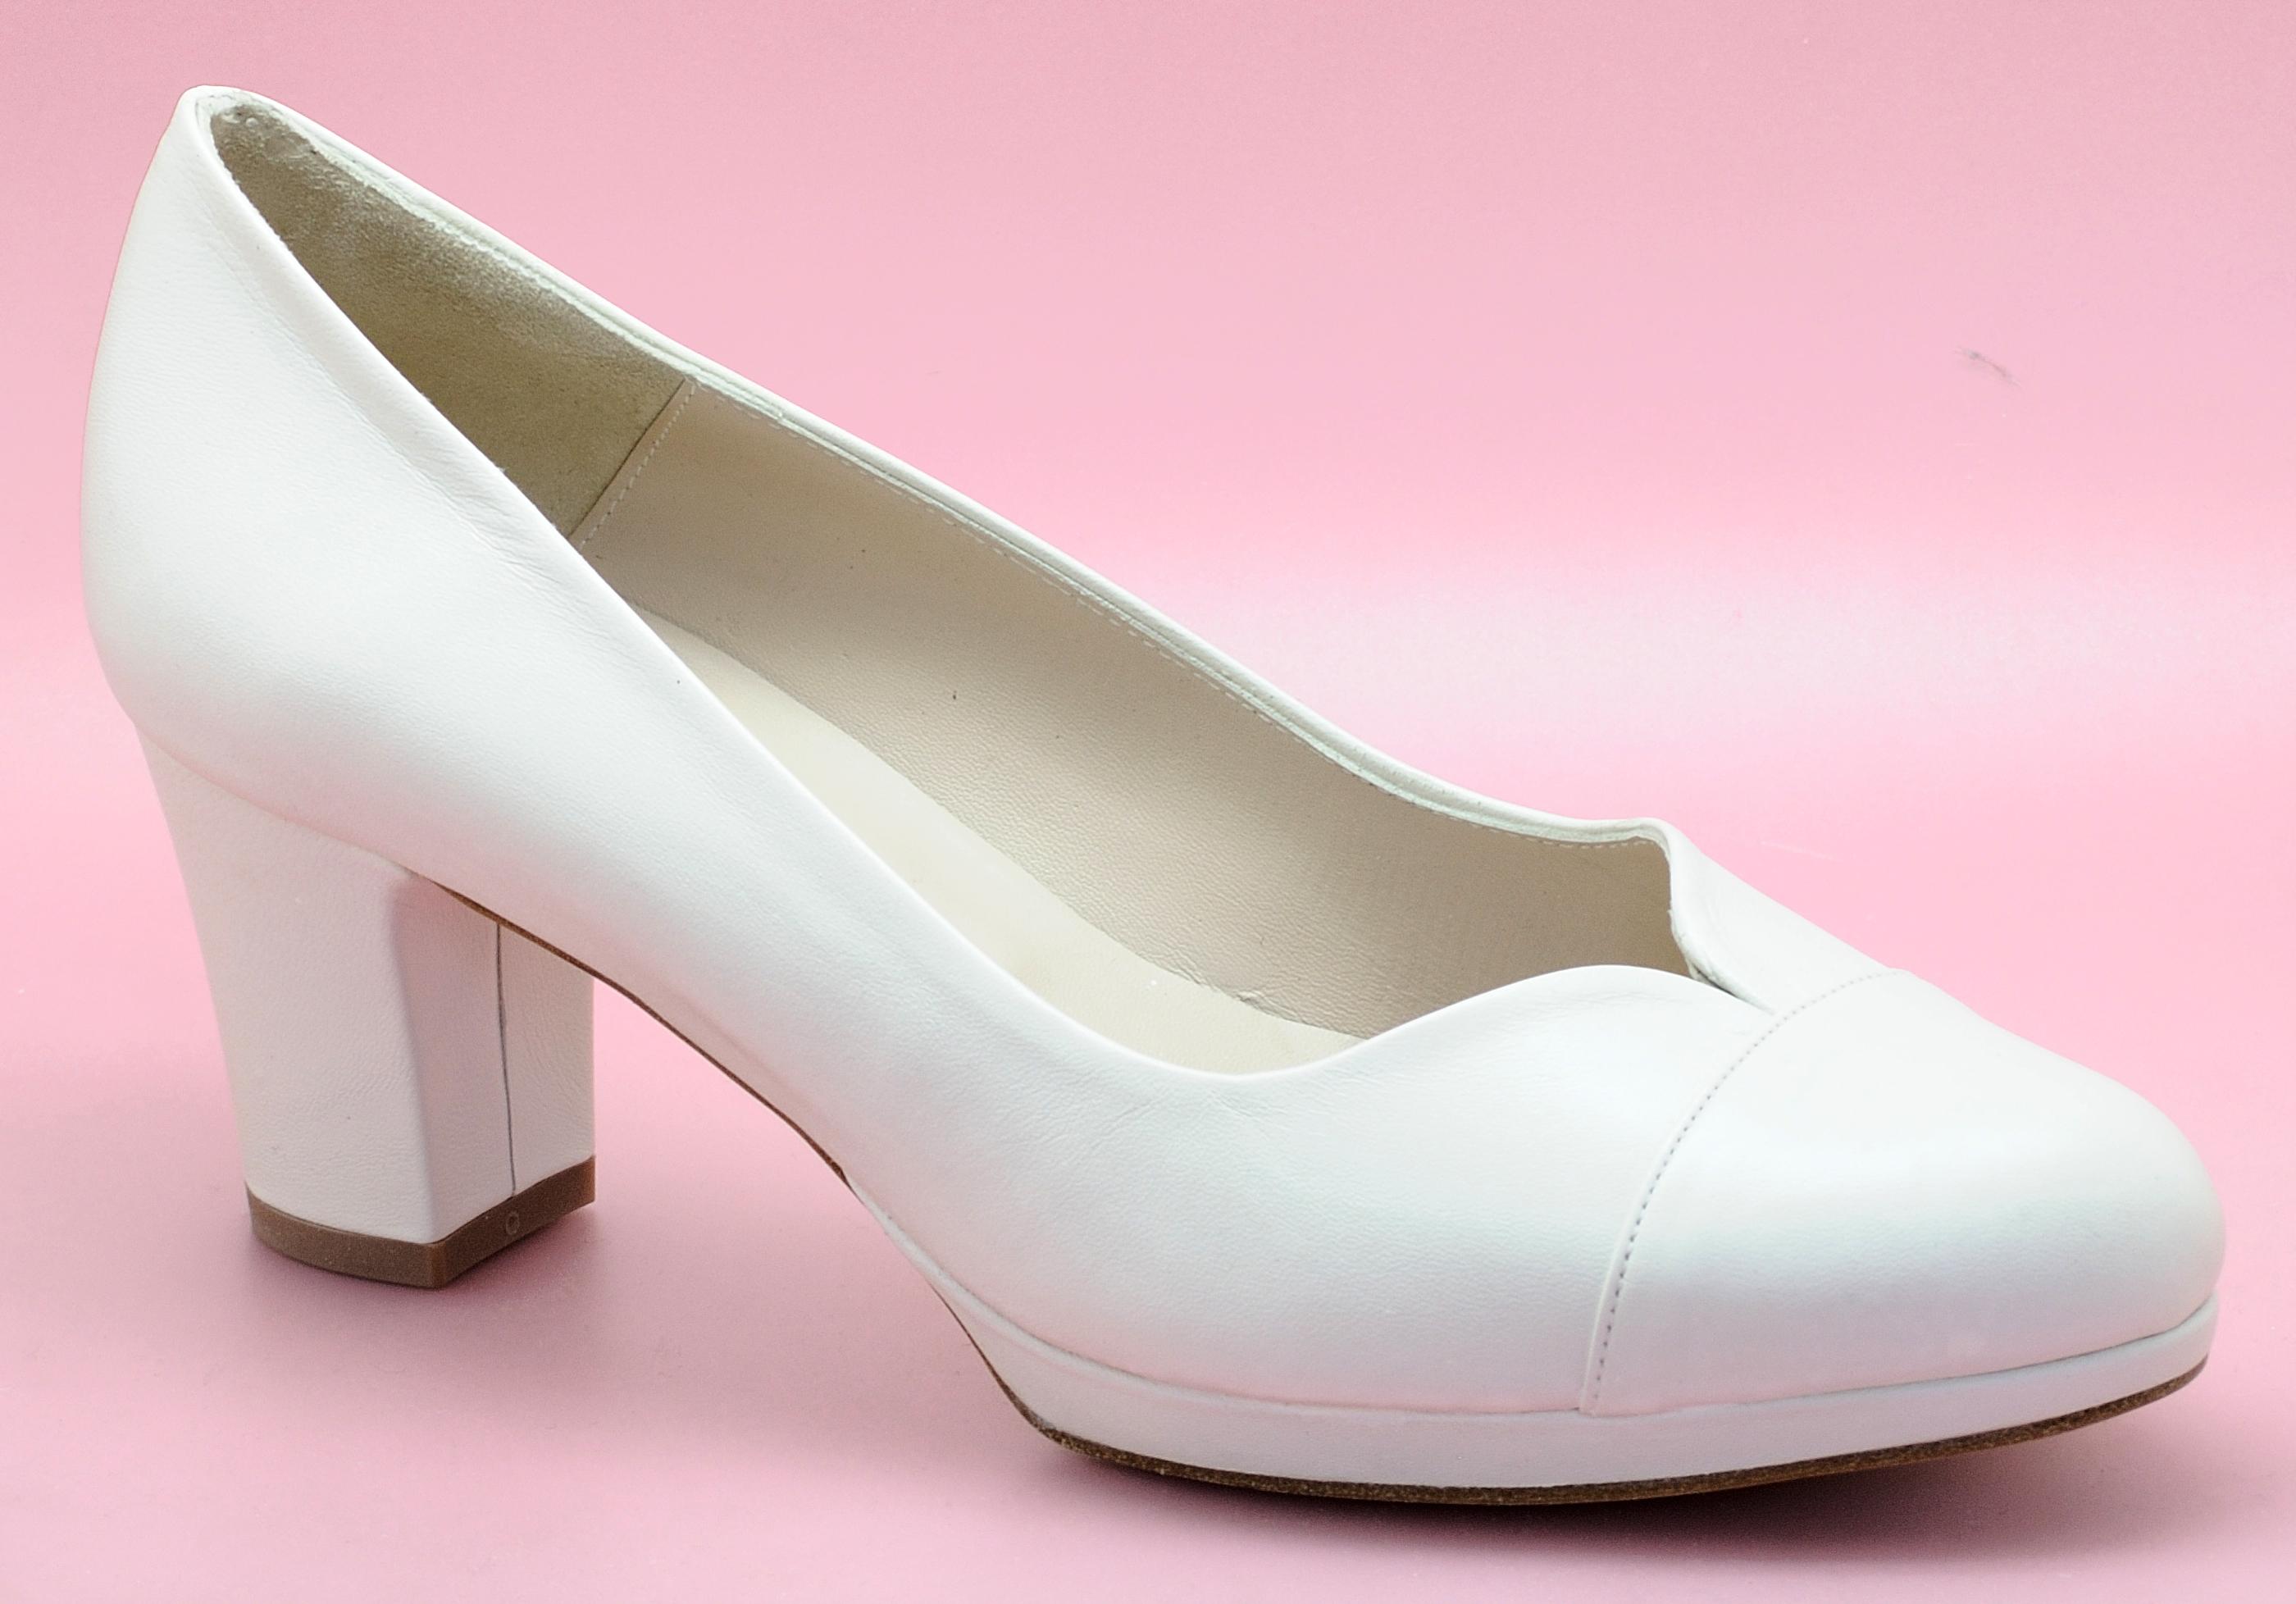 Zapatos de novia cómodos - Modelo Marisa - Ancho especial